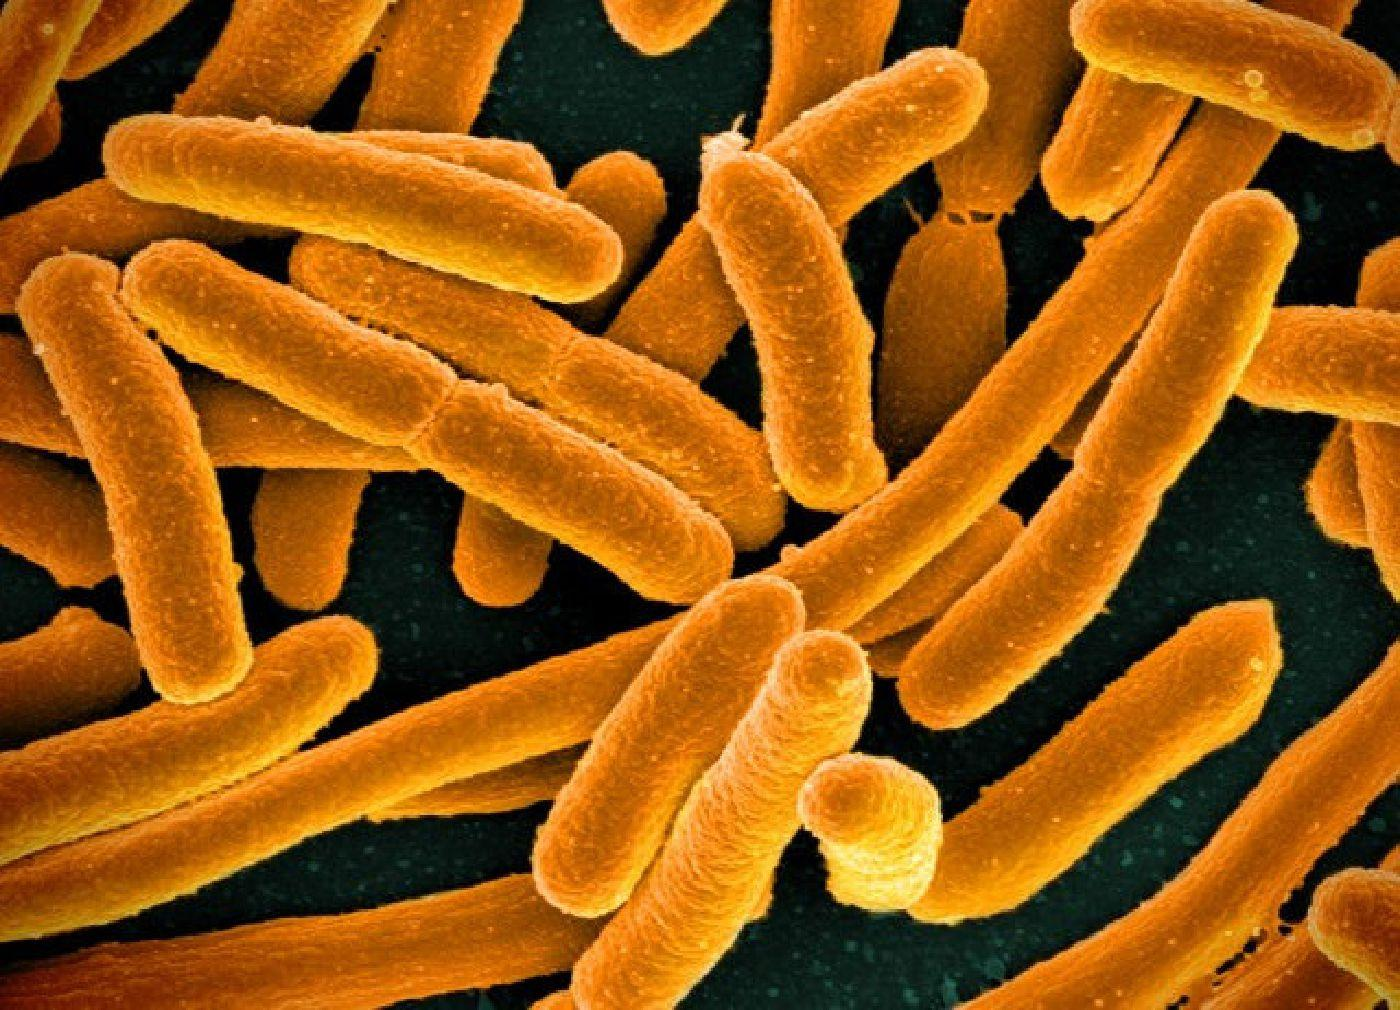 микрогравитация придала бактериям жизненных сил